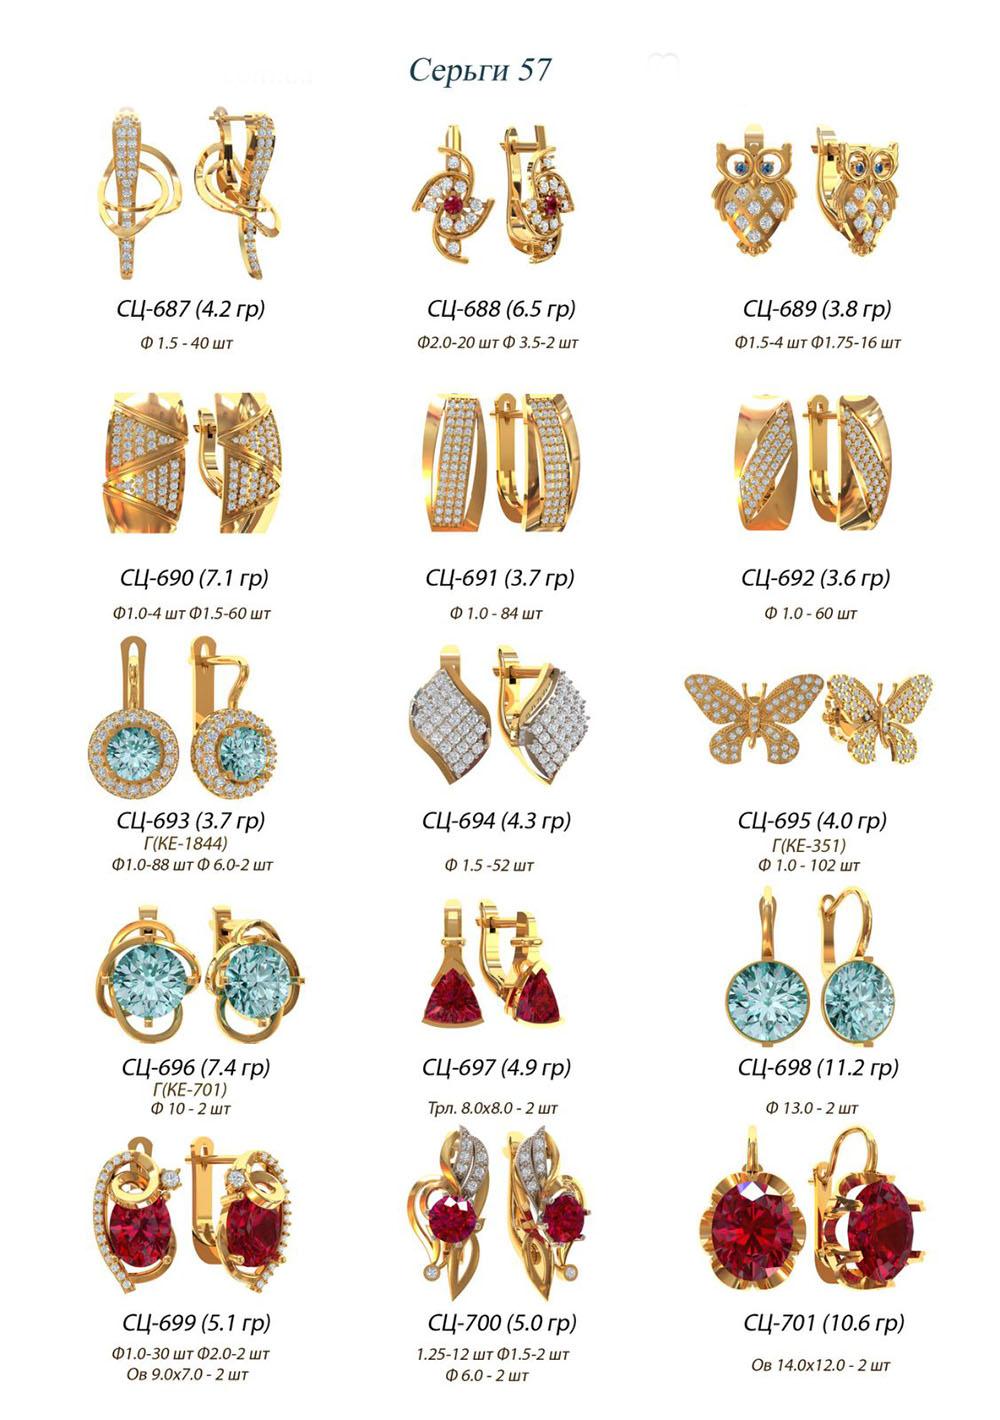 modelit-wax-models-earring-57